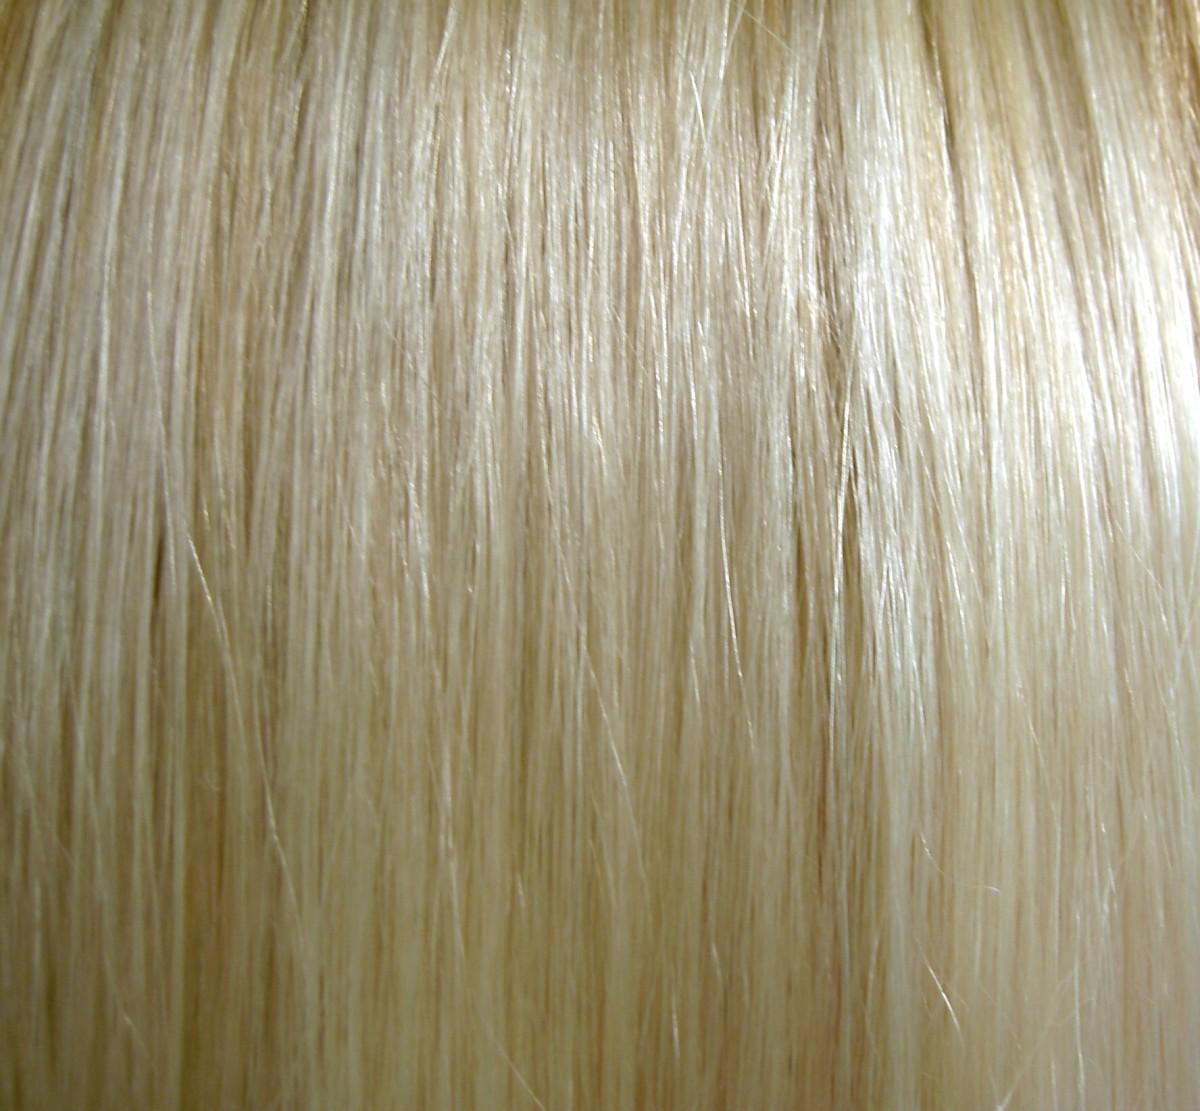 Using Baking Soda for Hair Washing